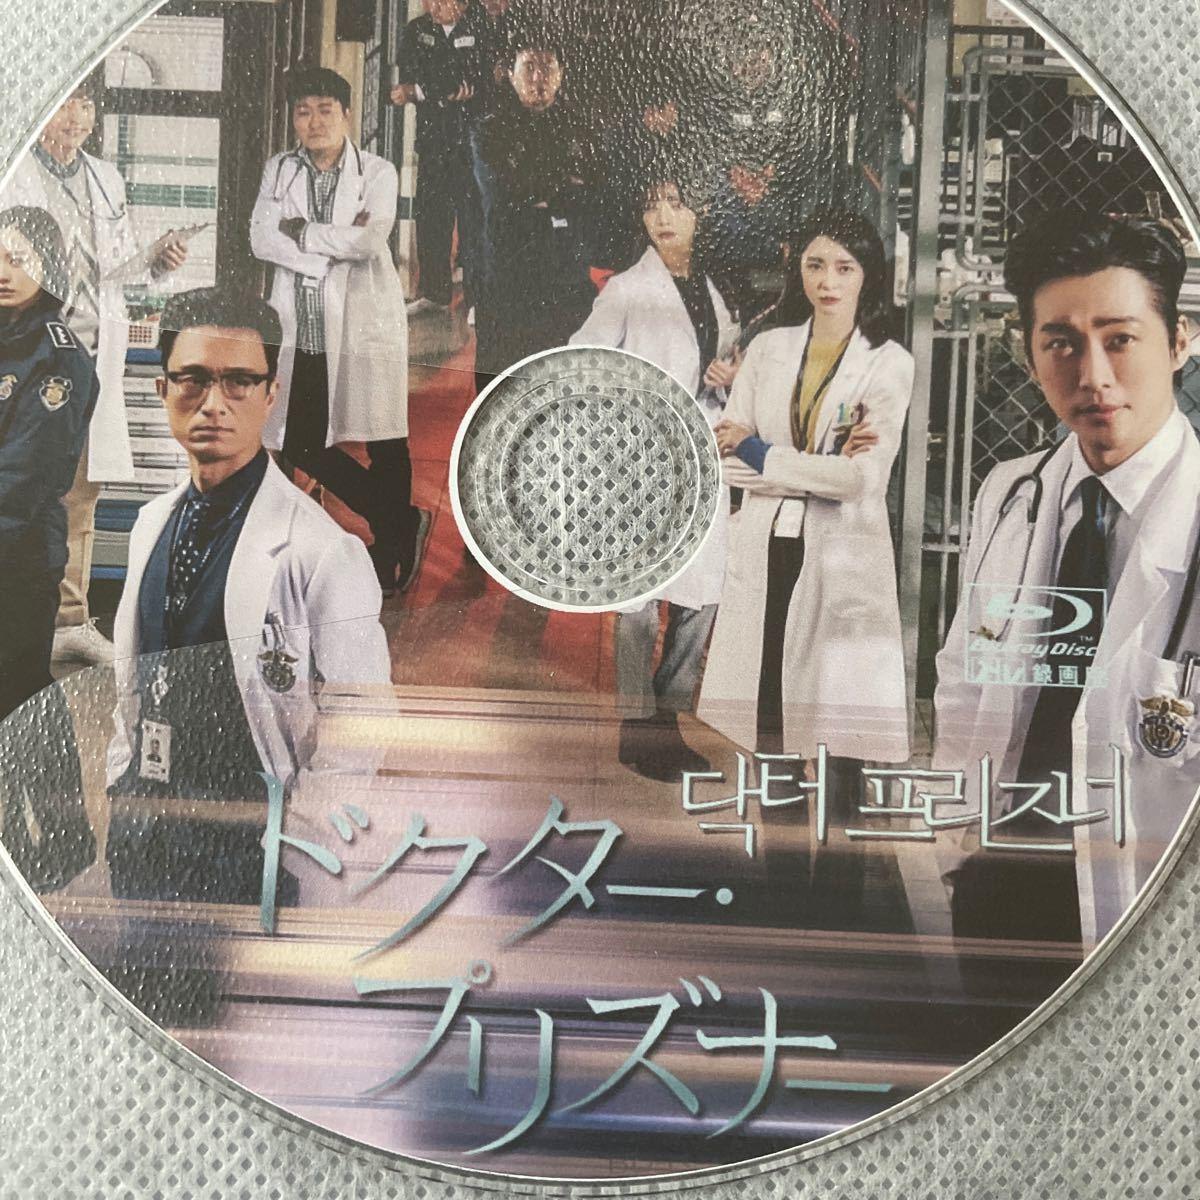 韓国ドラマ ドクター プリズナー Blu-ray 全話